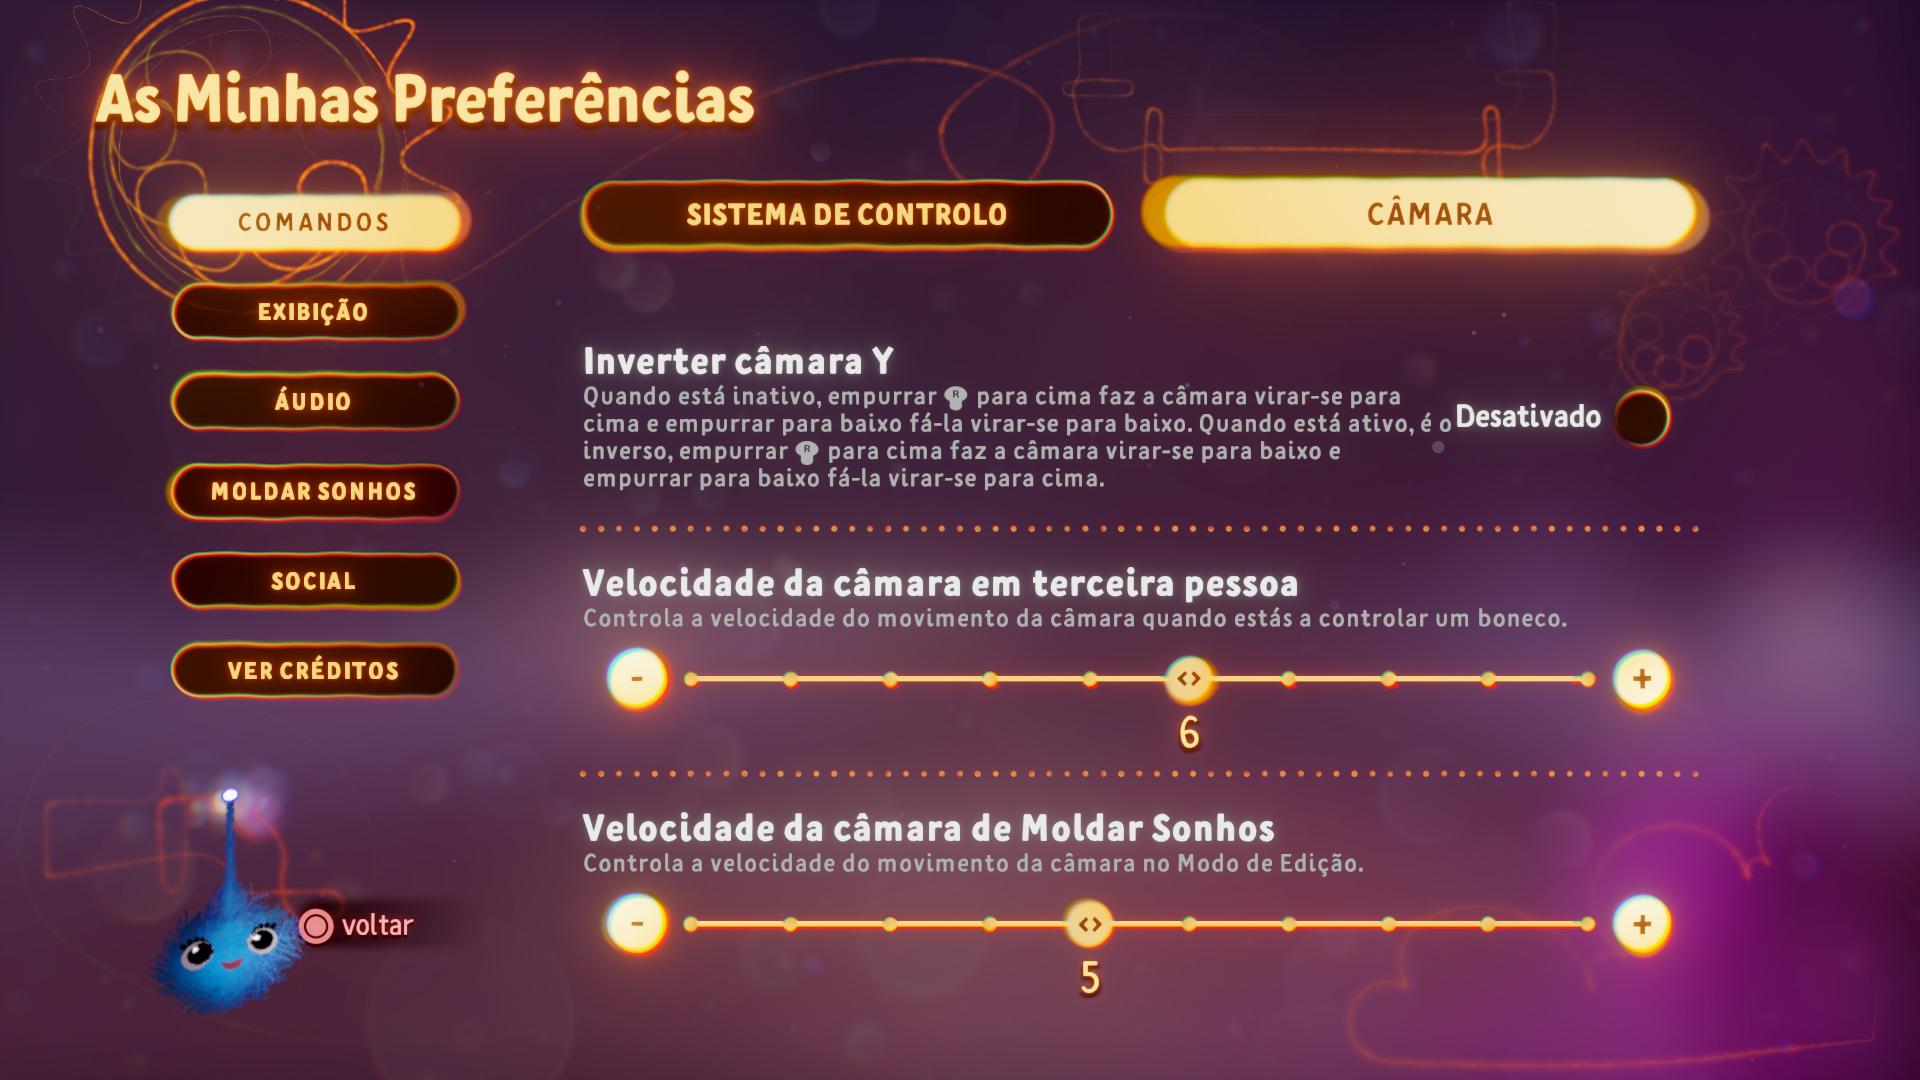 Captura de ecrã a mostrar as opções de câmara no menu de Preferências